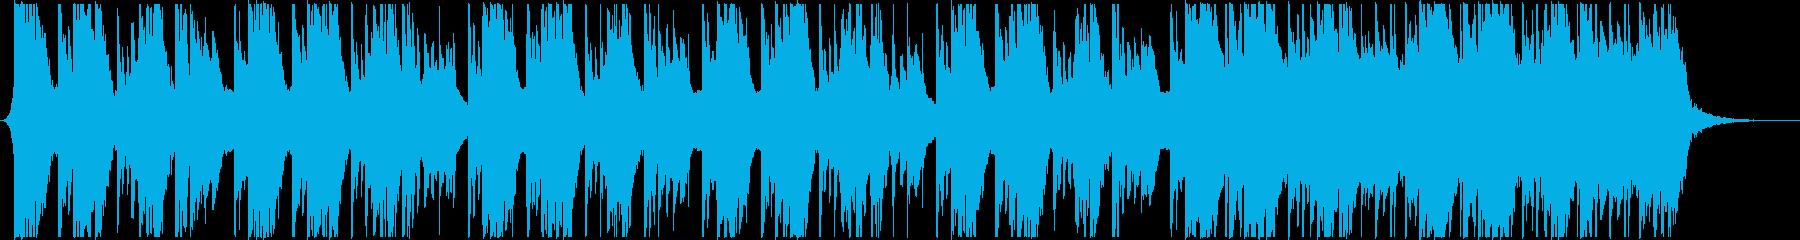 生楽器主体の幻想的なBGMニュースなどにの再生済みの波形